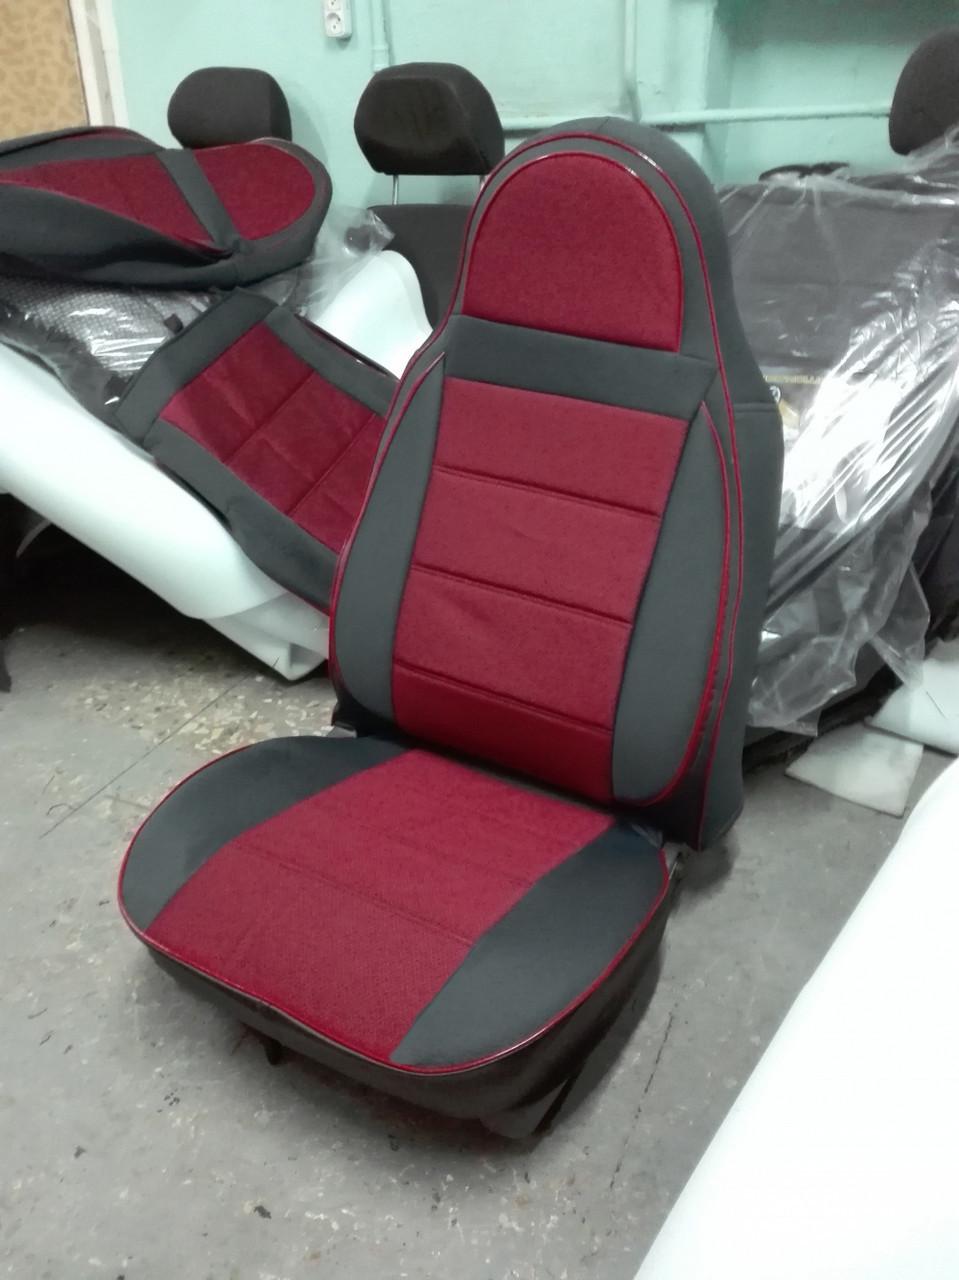 Чехлы на сиденья ВАЗ Лада 2107 (VAZ Lada 2107) (модельные, автоткань, пилот)